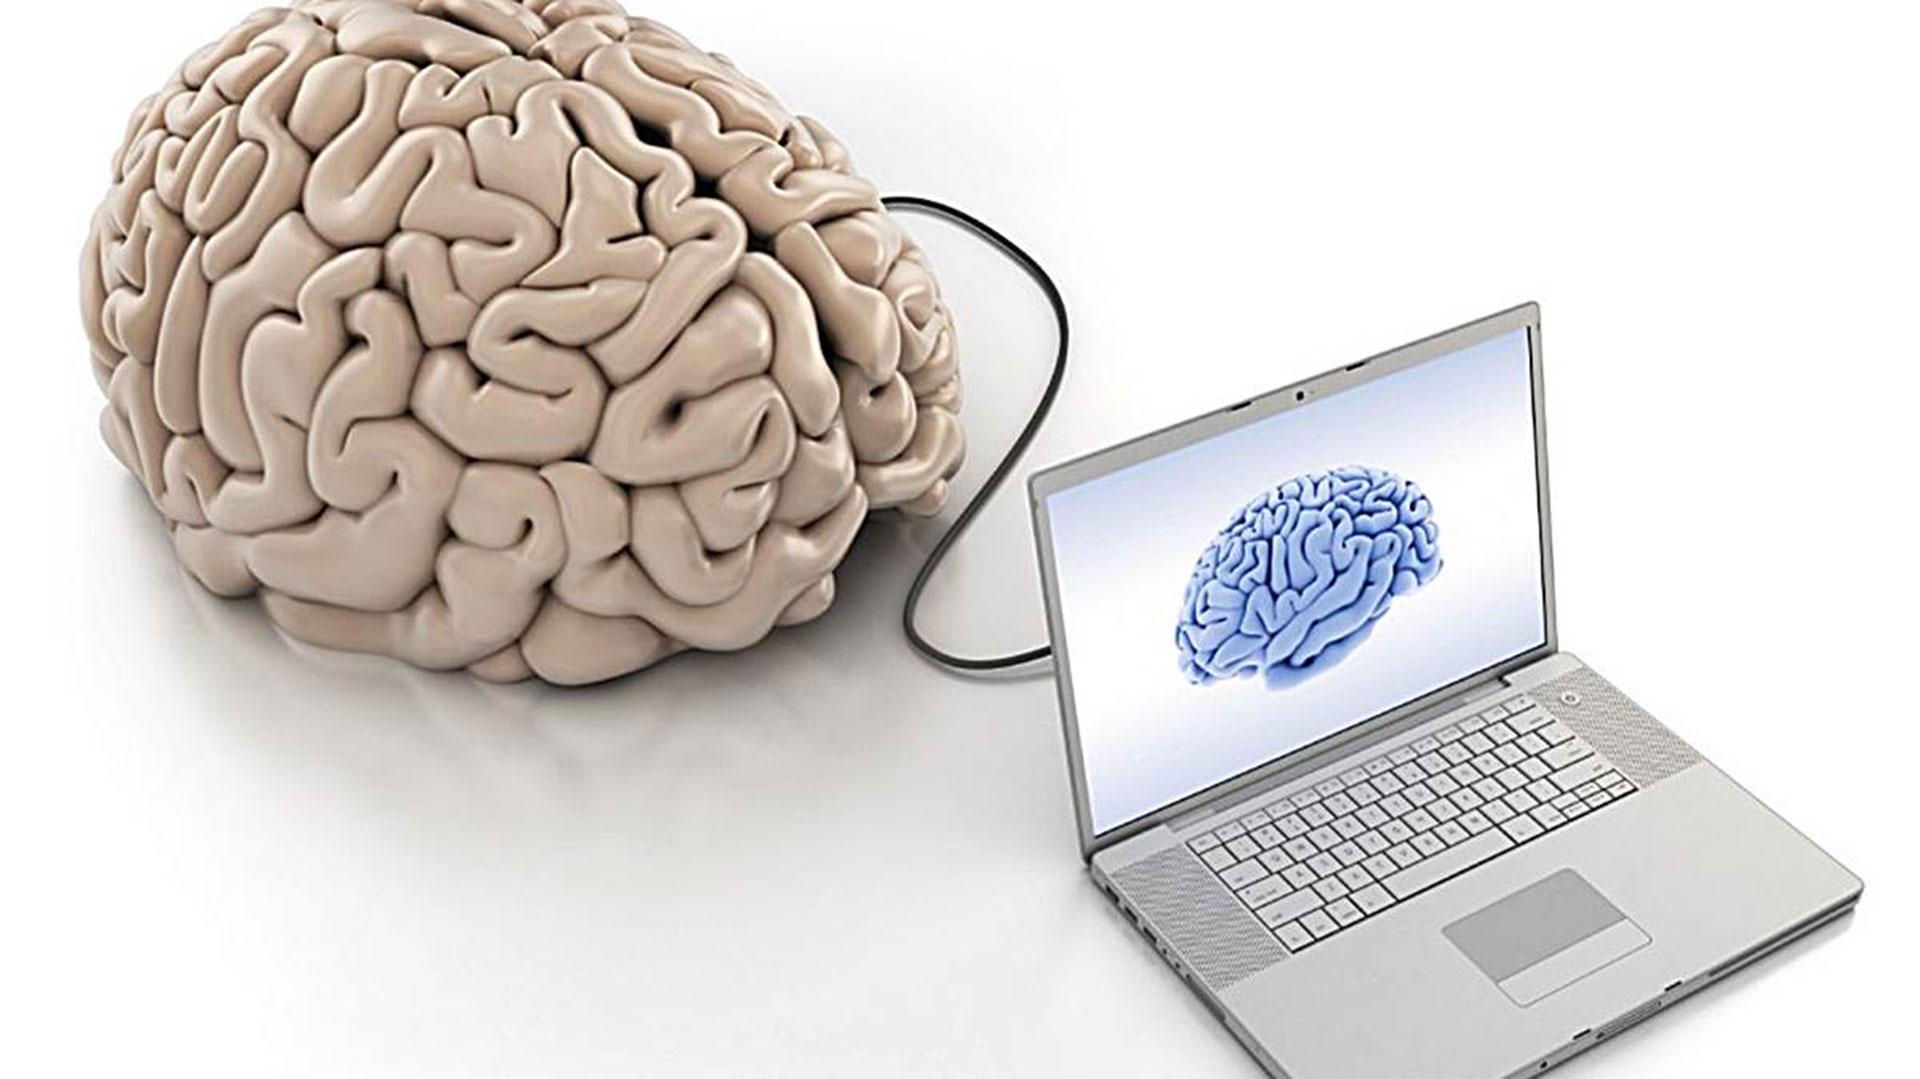 Un'interfaccia cervello-computer per comporre musica con il pensiero